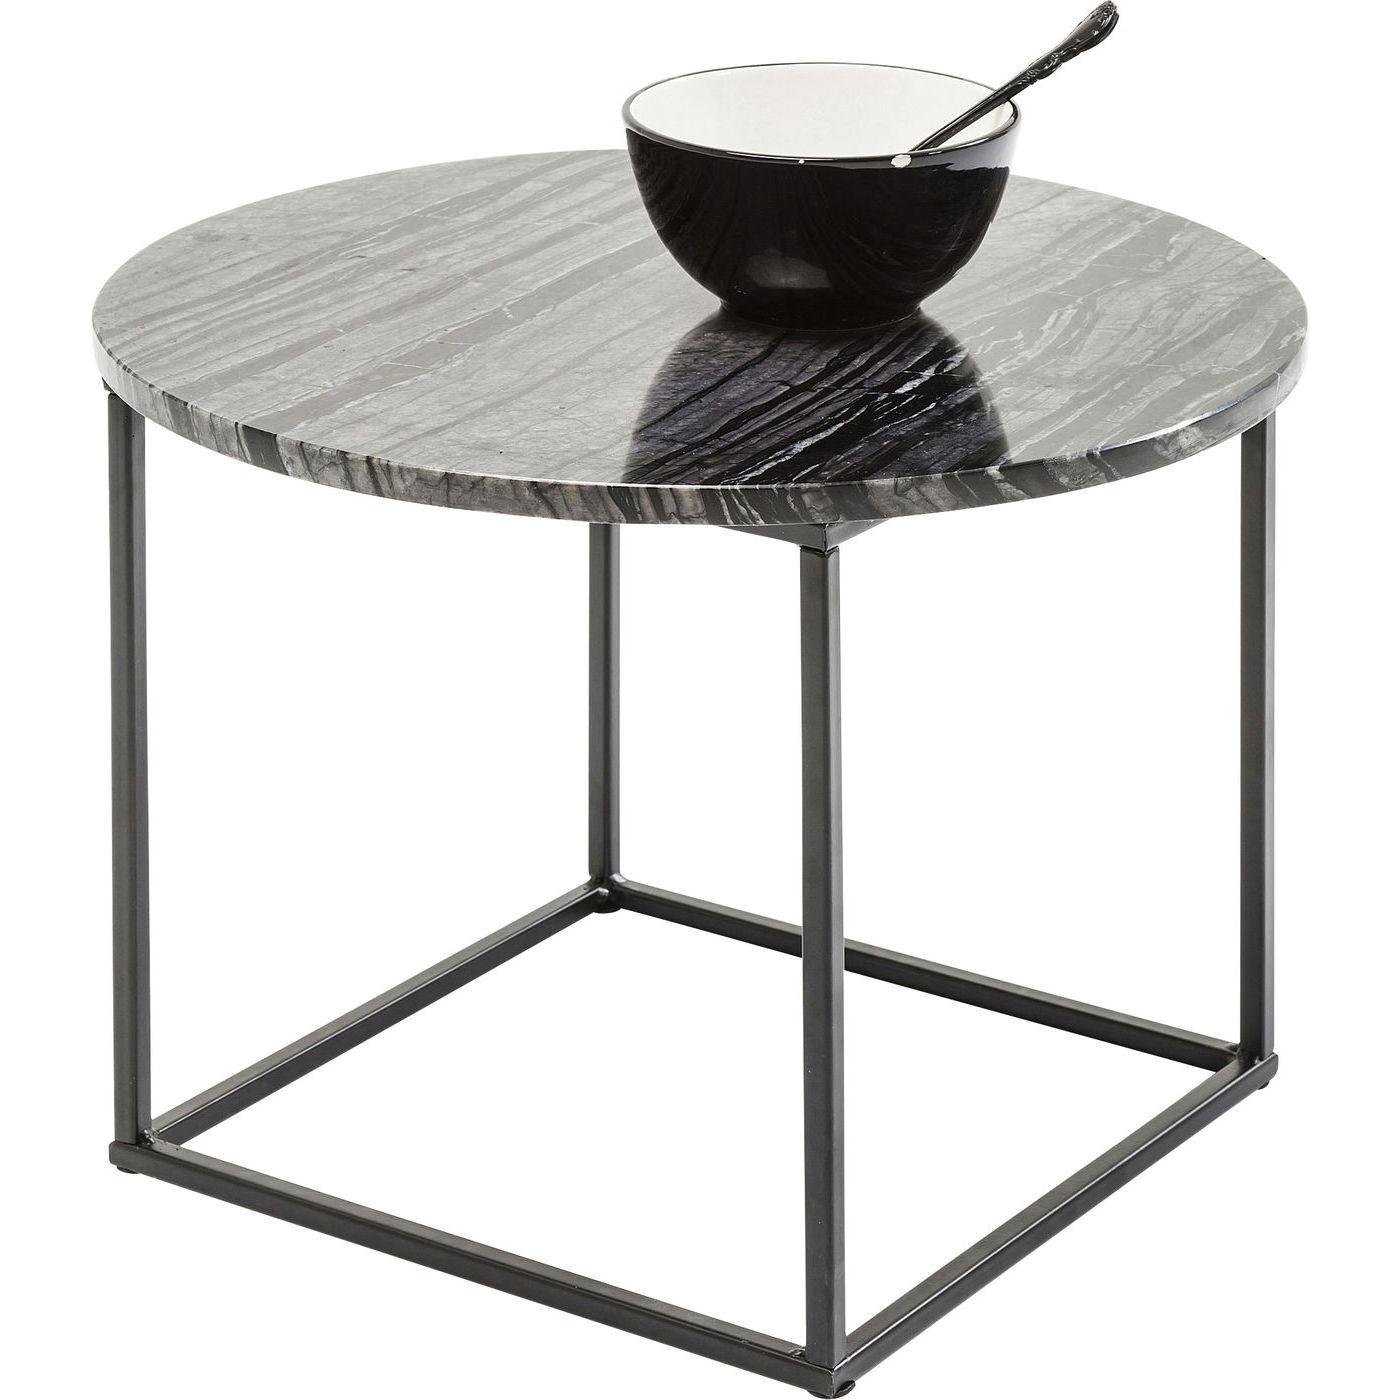 KARE DESIGN Fjord sidebord - grå/sort marmor og sort pulverlakeret stål (Ø 40)